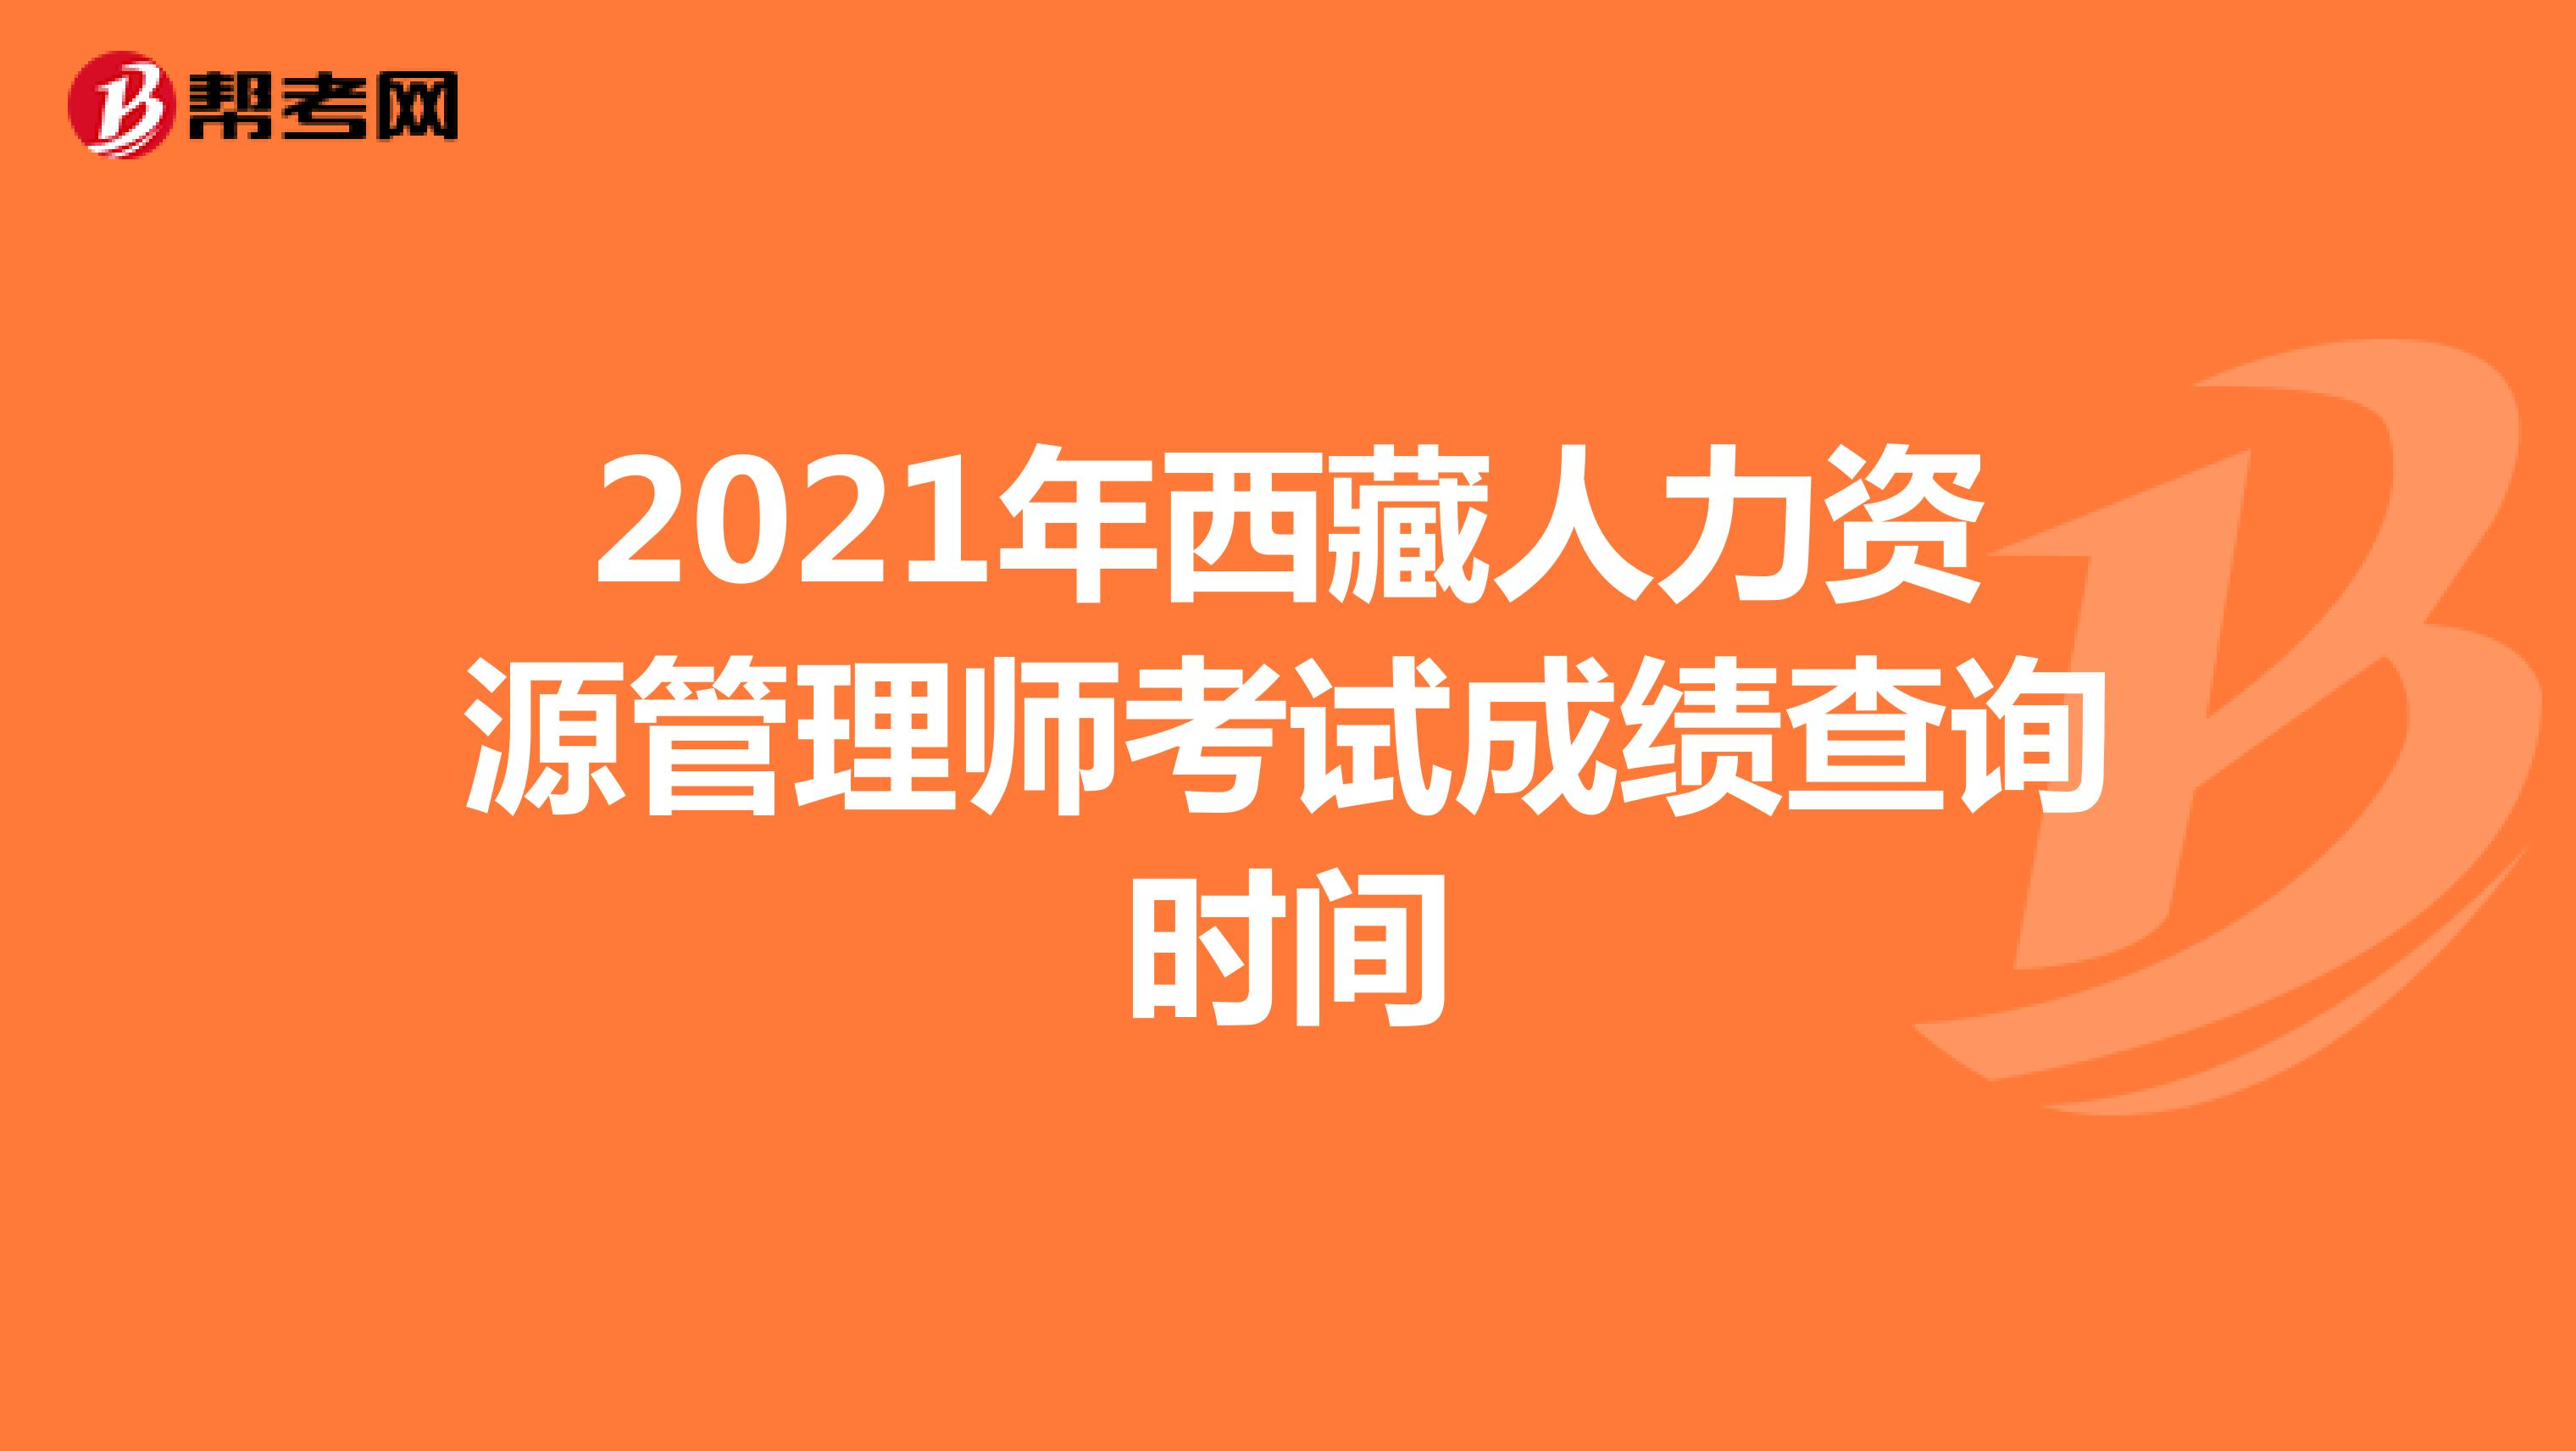 2021年西藏人力资源管理师考试成绩查询时间